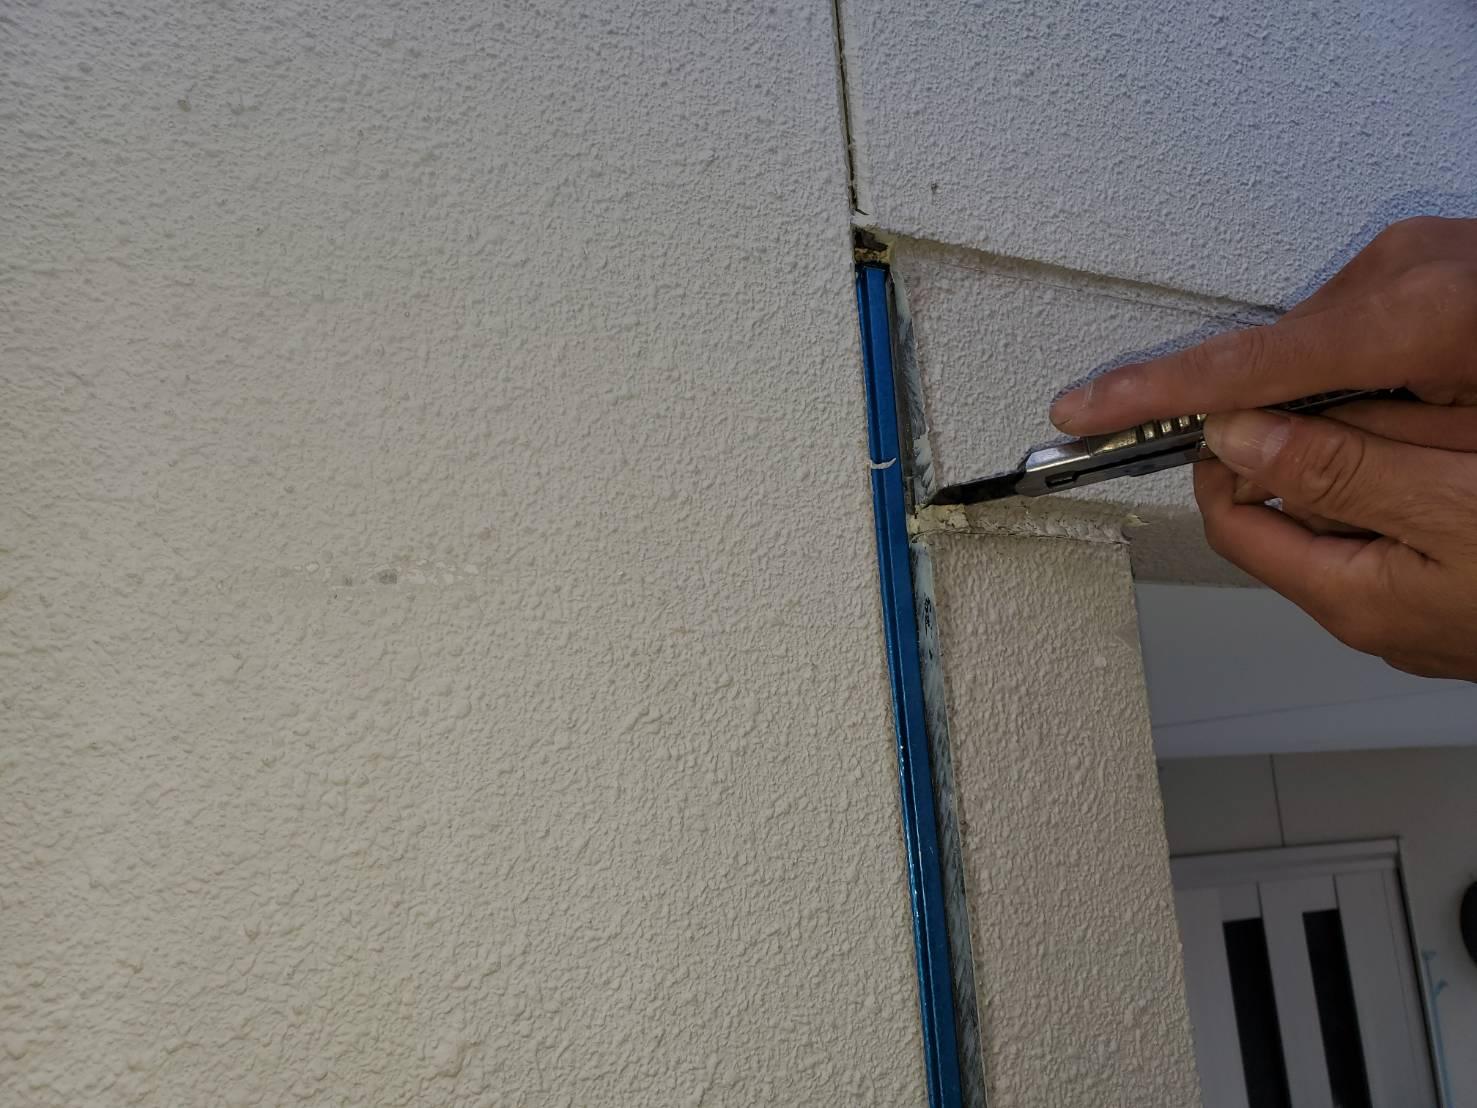 外壁塗装 佐賀市 施工事例 コーキング プライマー サニー建設商事 さにけん